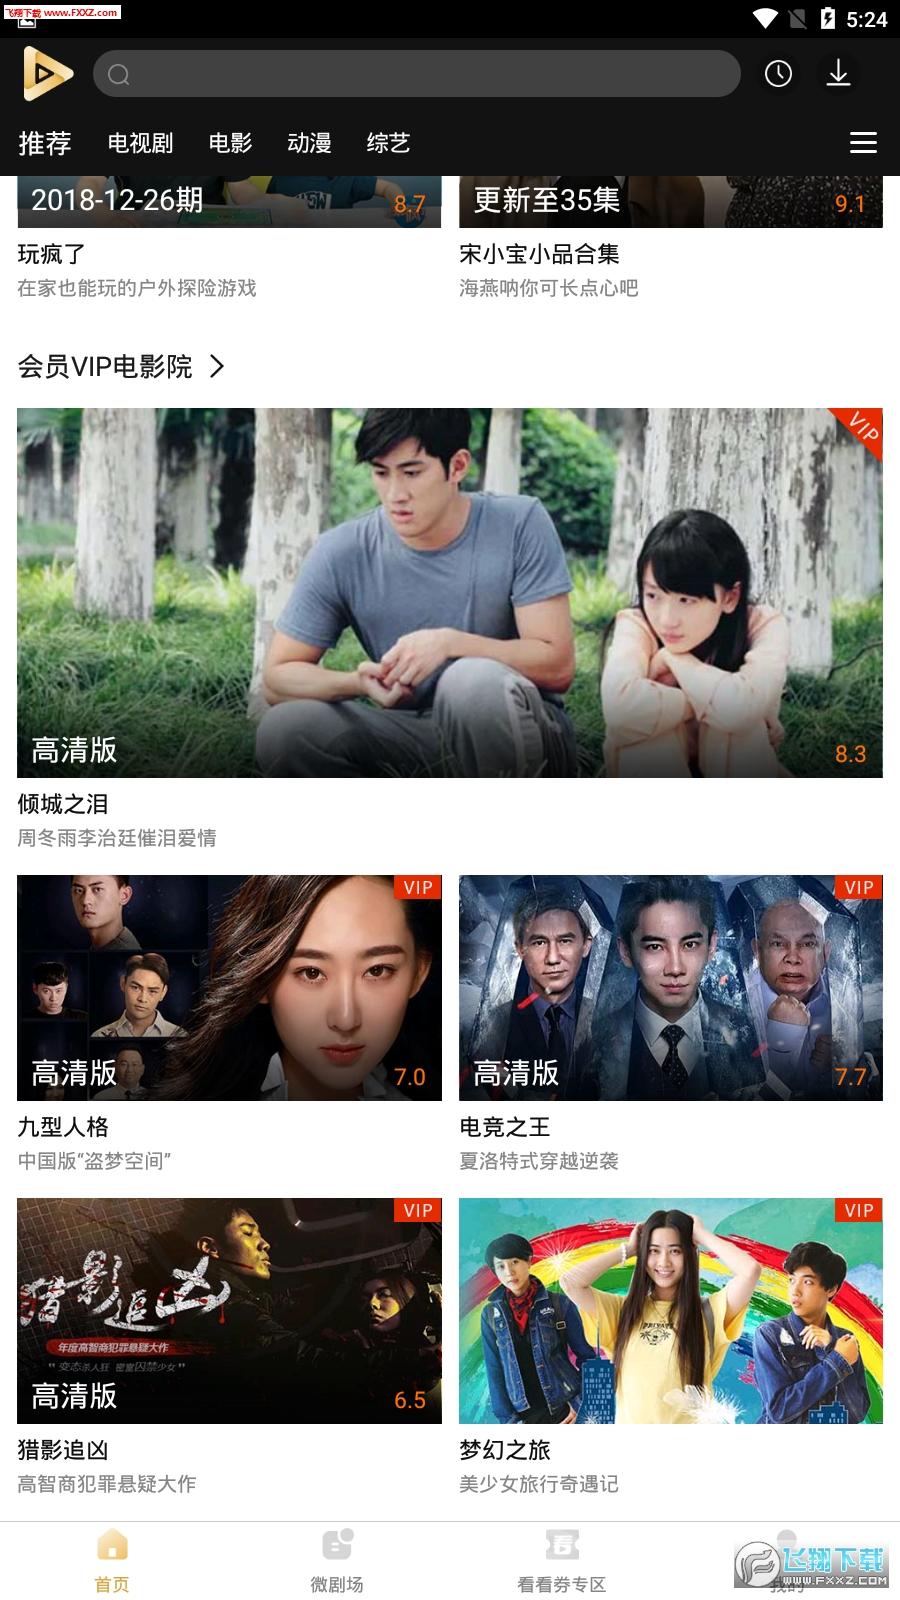 蜜瓜电影网手机在线appv7.0.3.3截图0